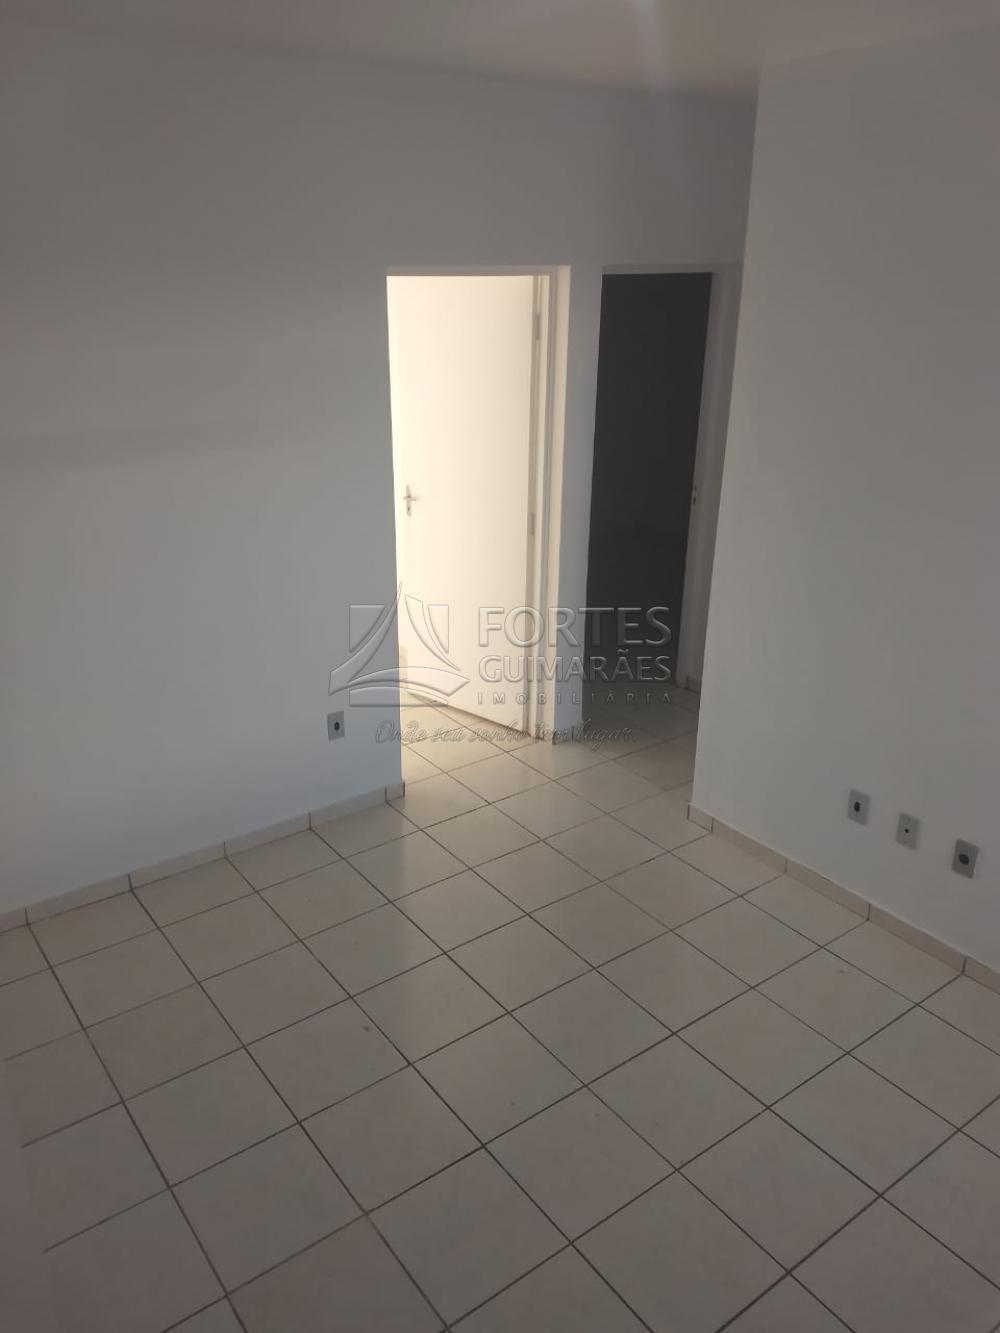 Alugar Apartamentos / Padrão em Ribeirão Preto apenas R$ 600,00 - Foto 3